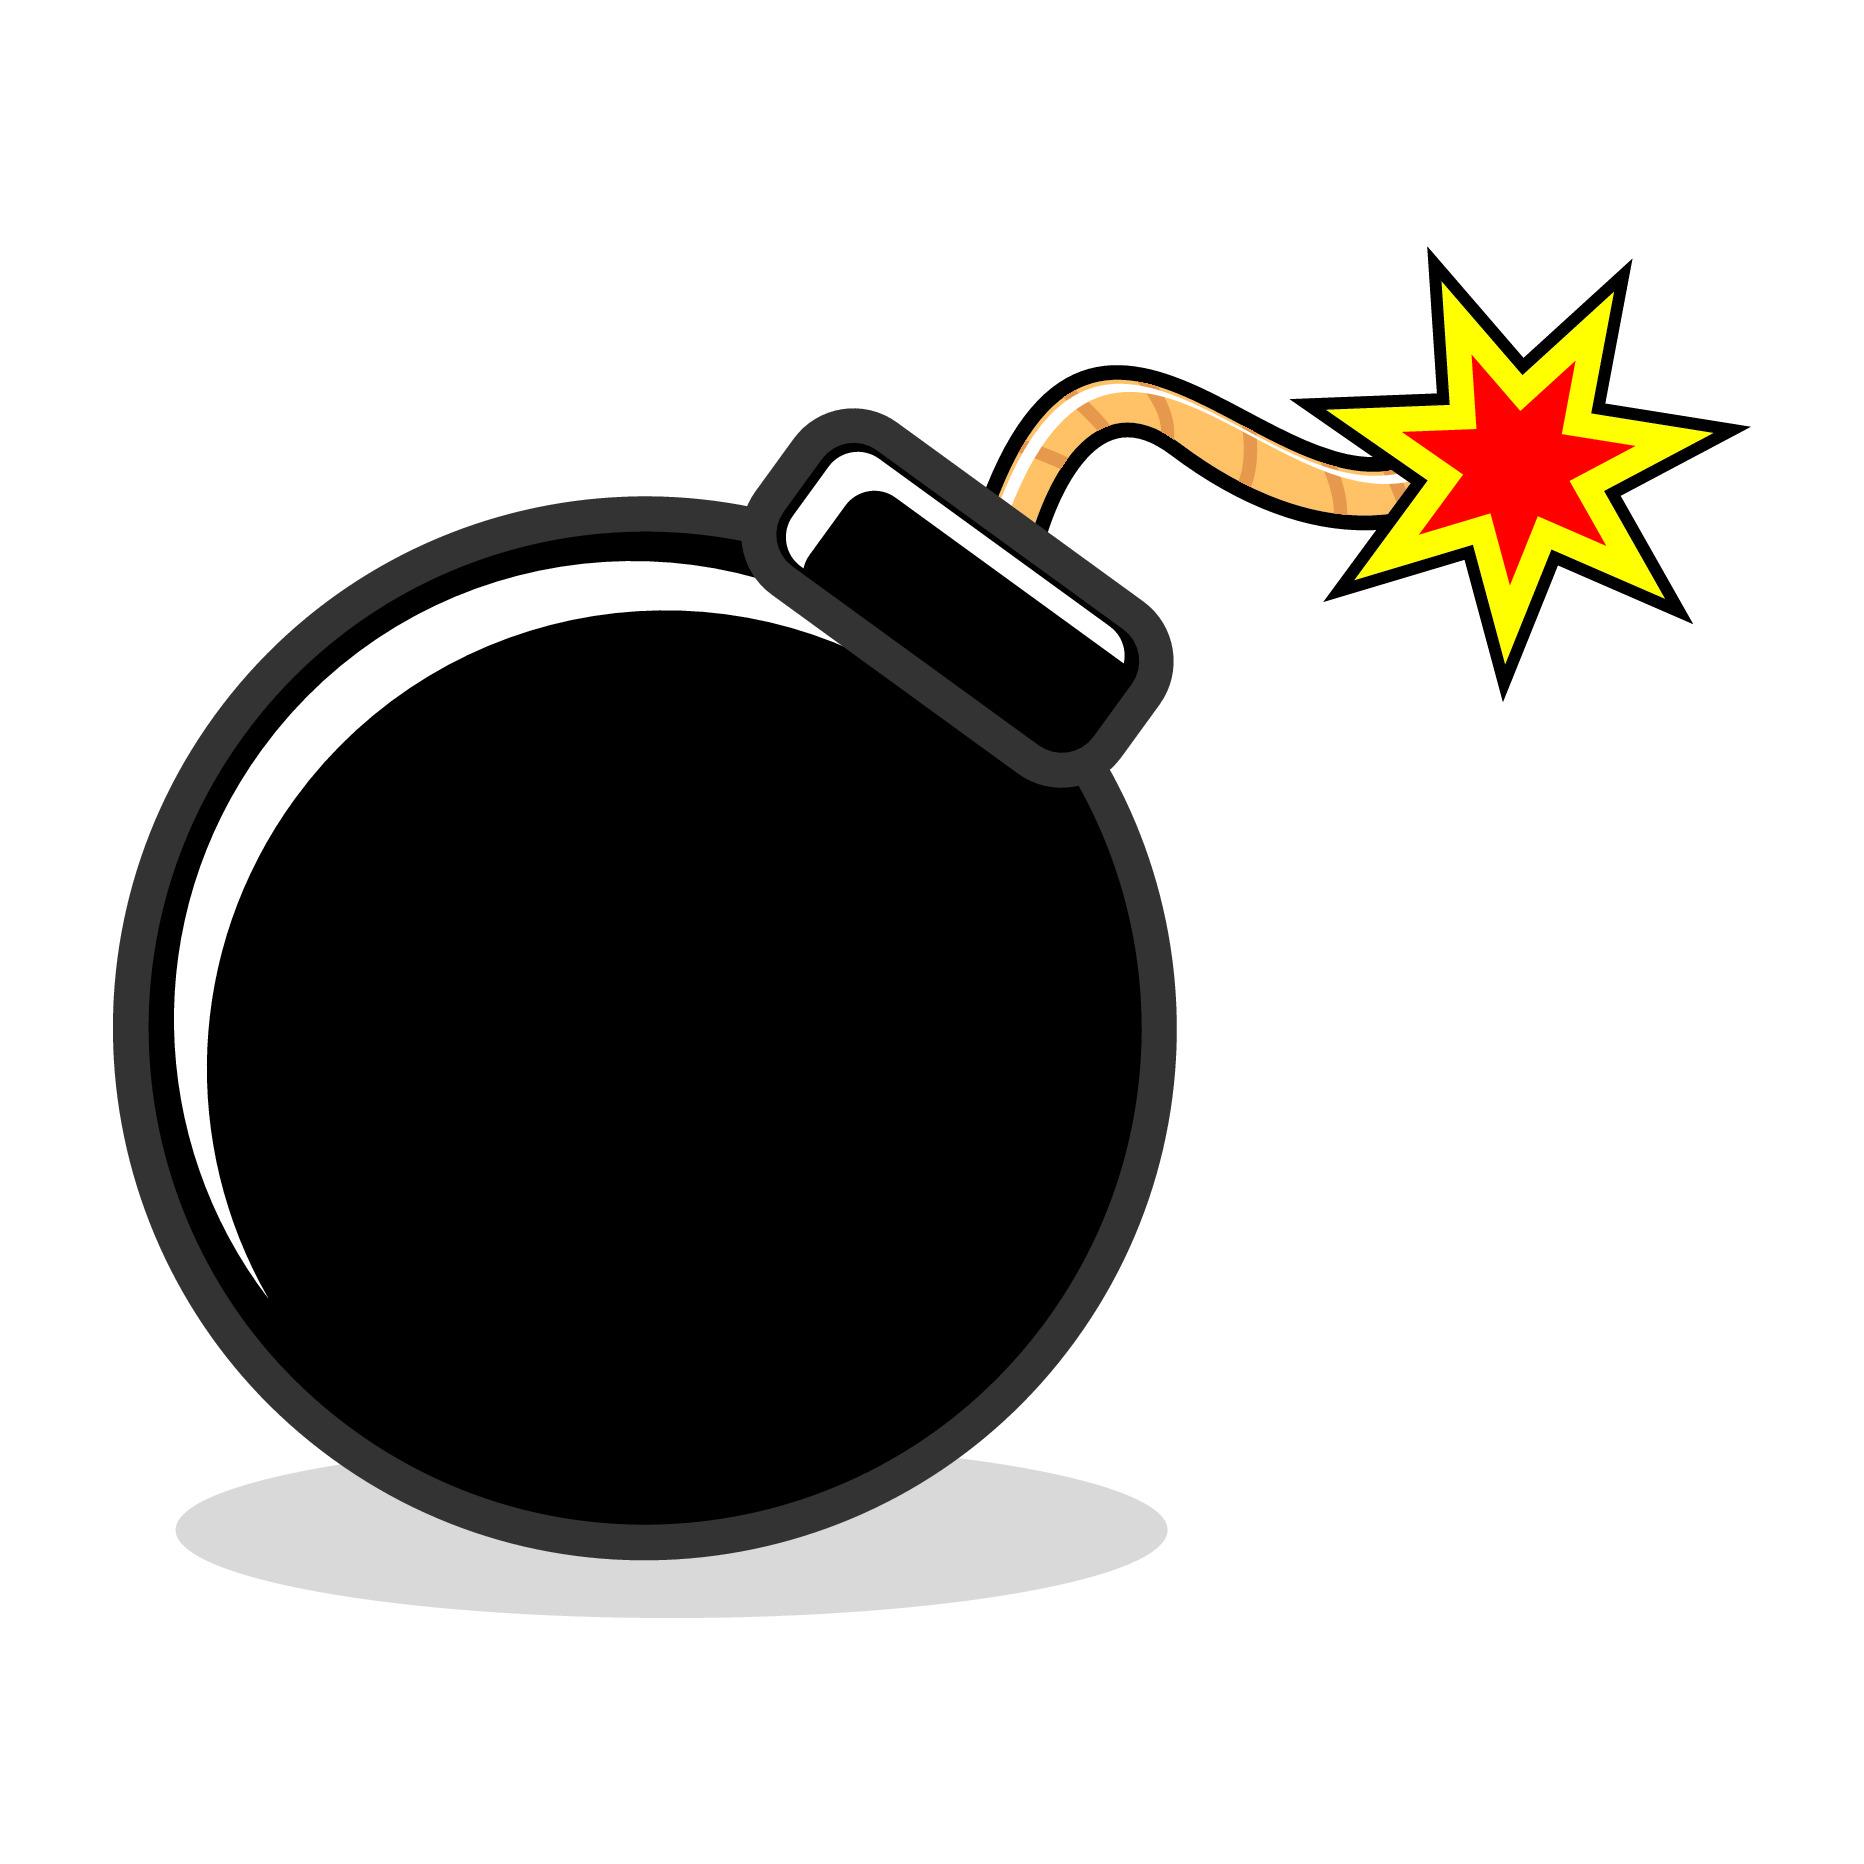 bomb_06